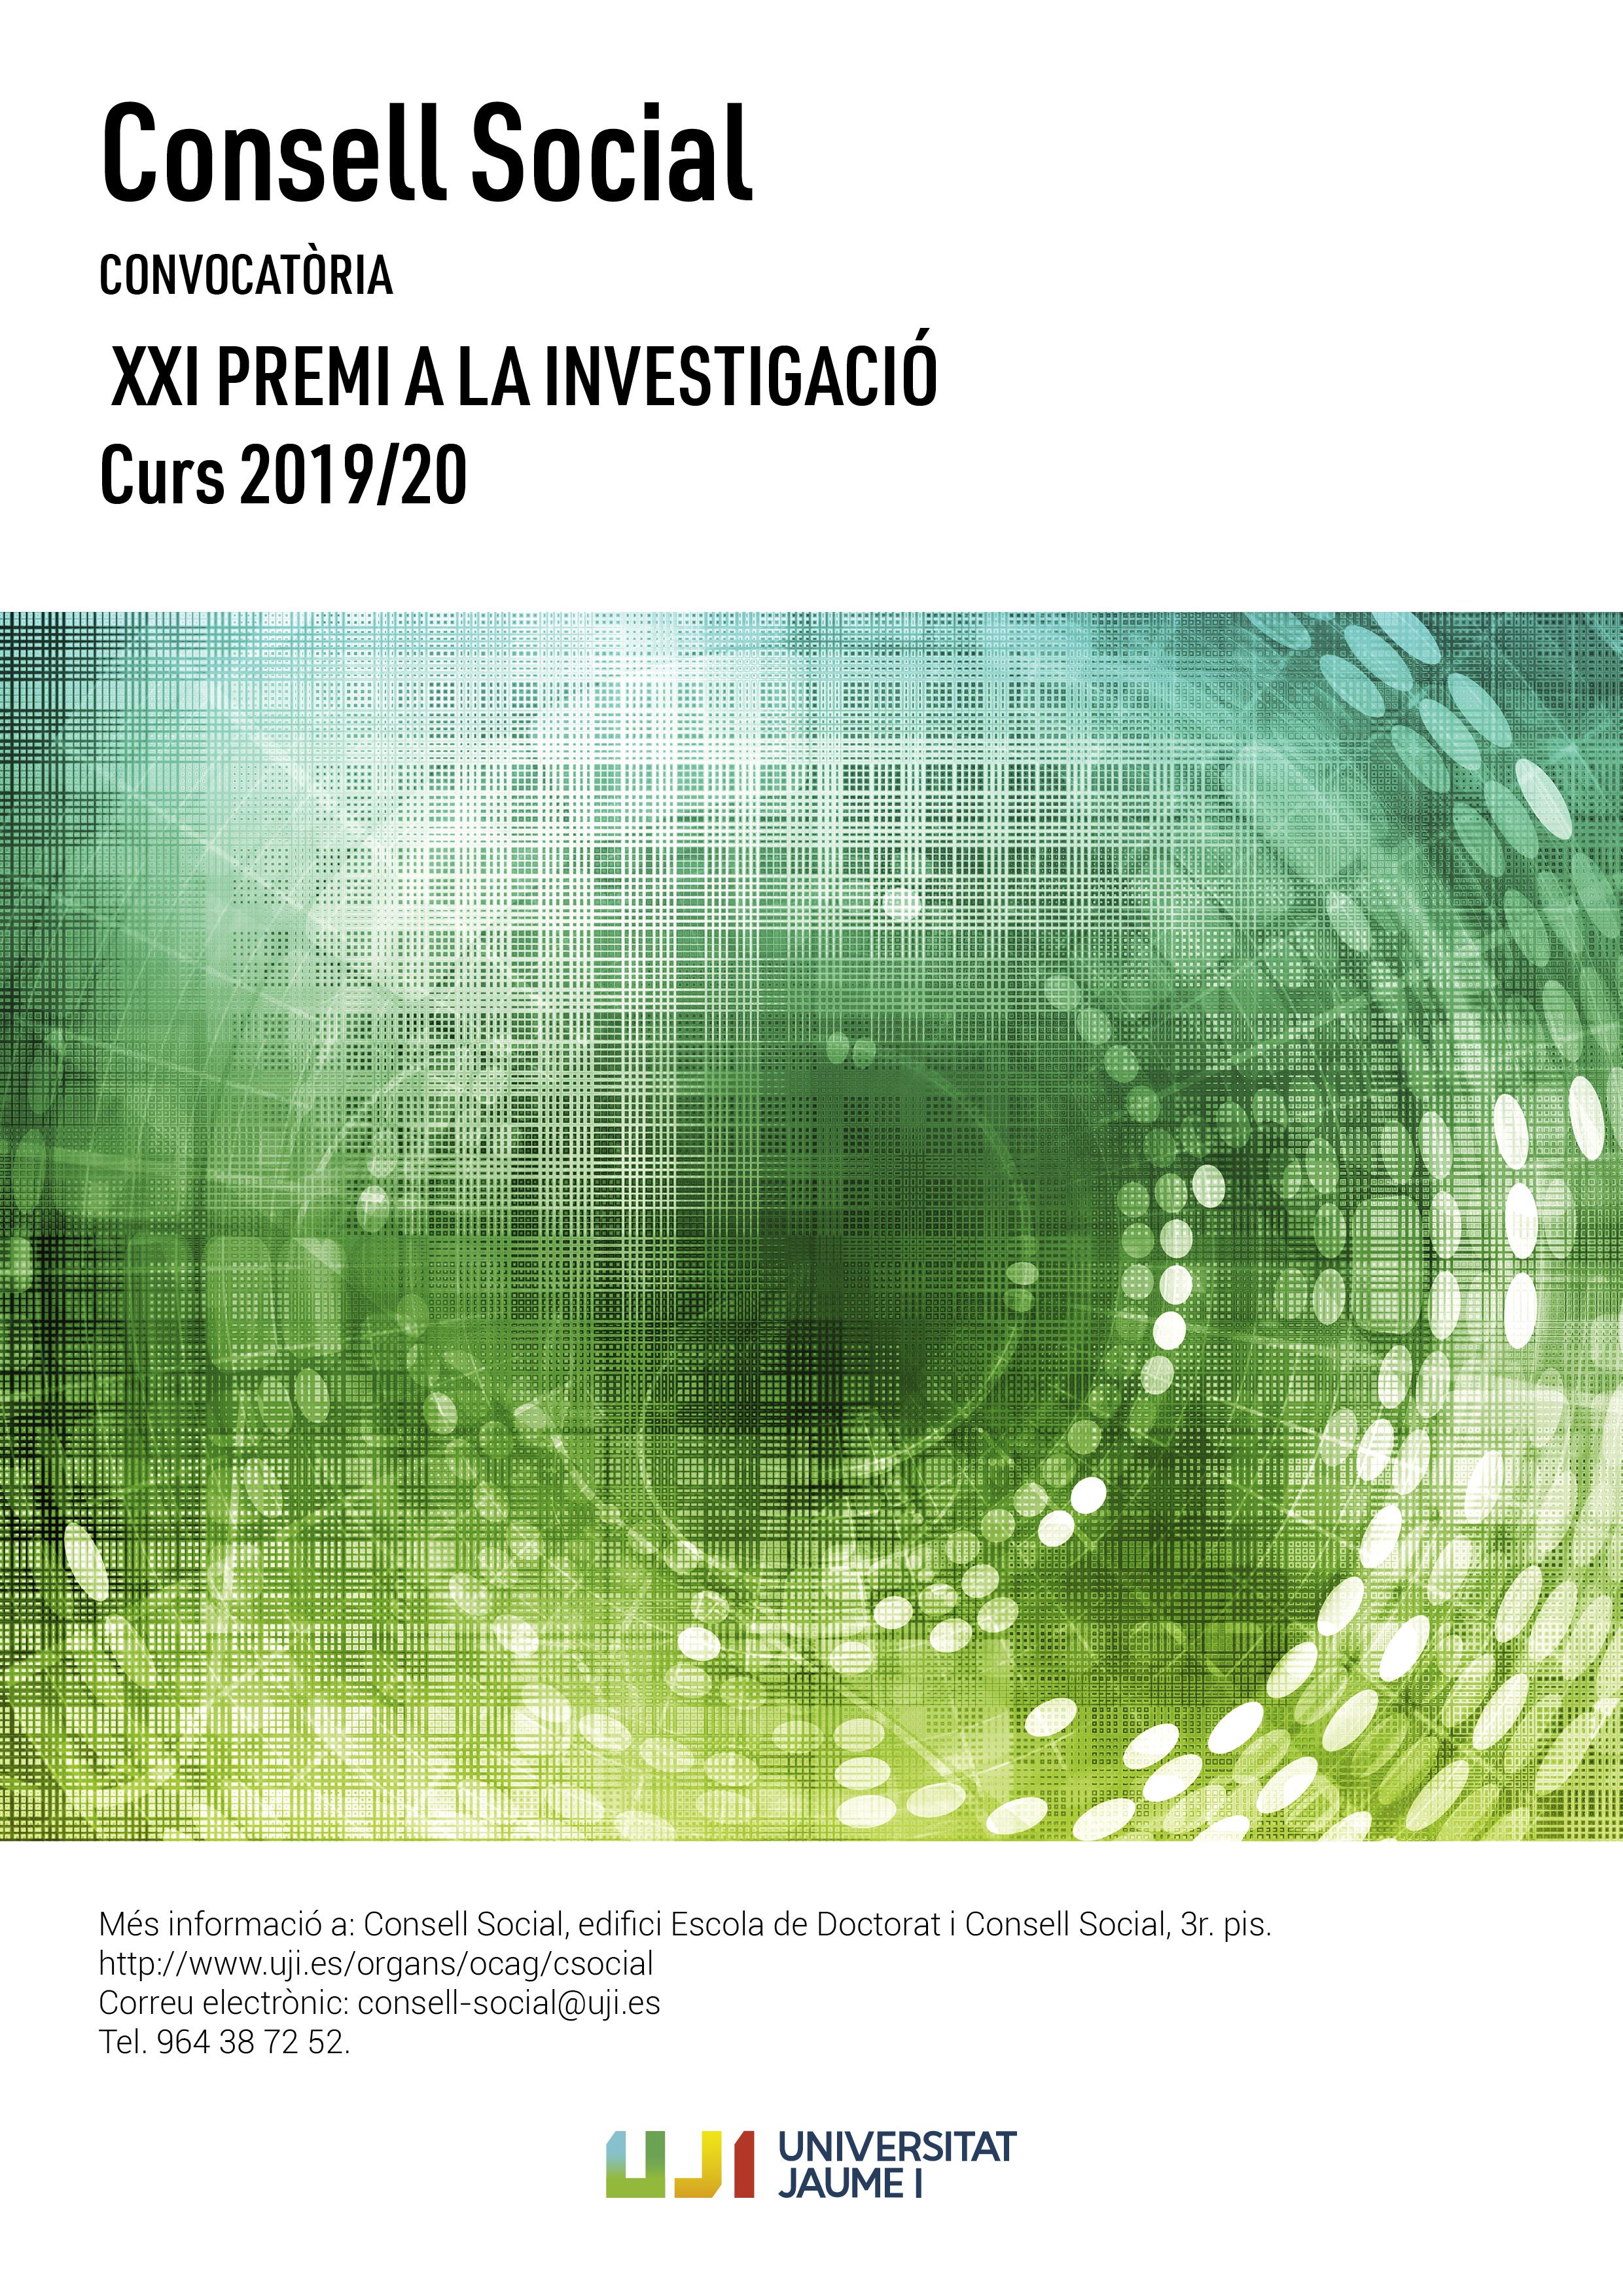 Cartell del XXII Premi del Consell Social a la Investigació 2020